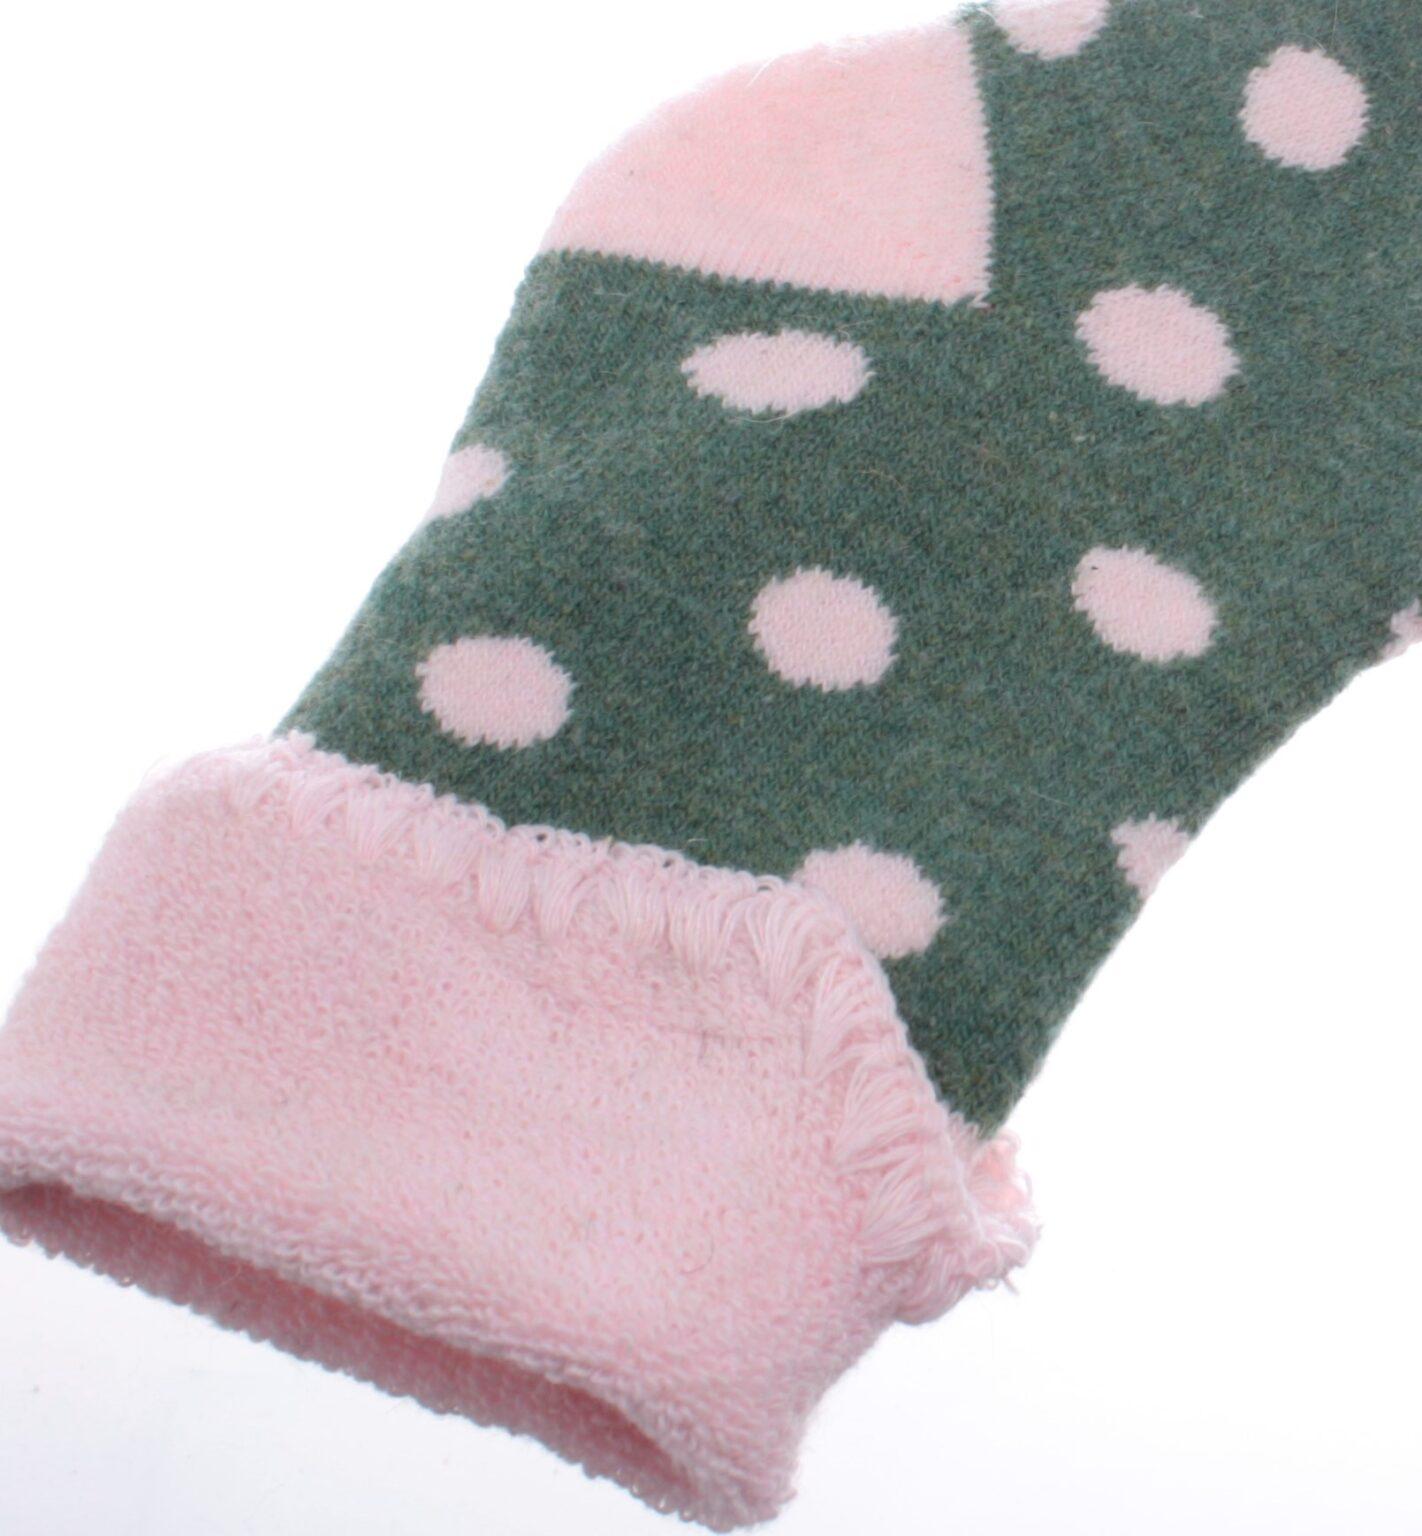 Jess & Lou Socks - Green/Pink Spot